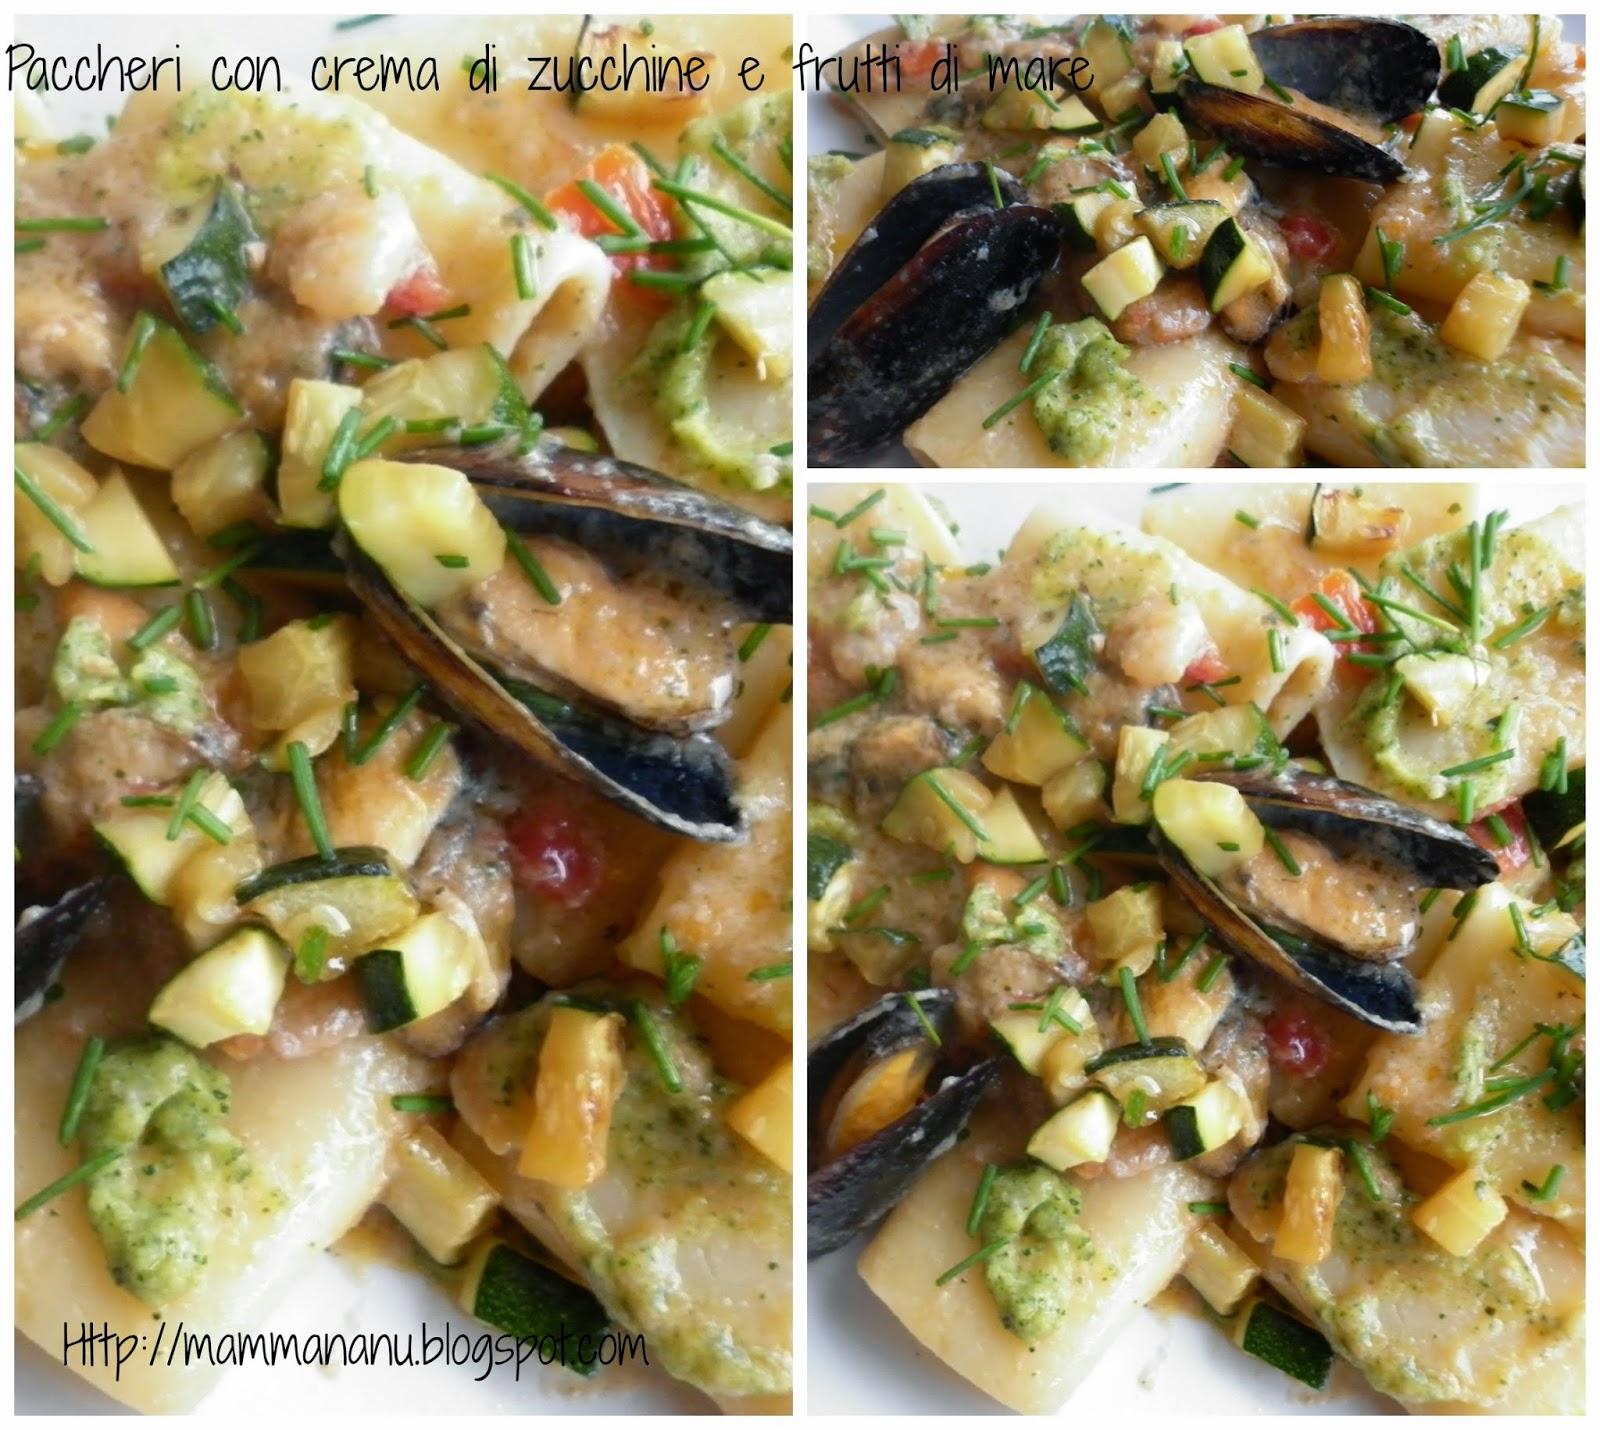 paccheri con crema di zucchine e frutti mare